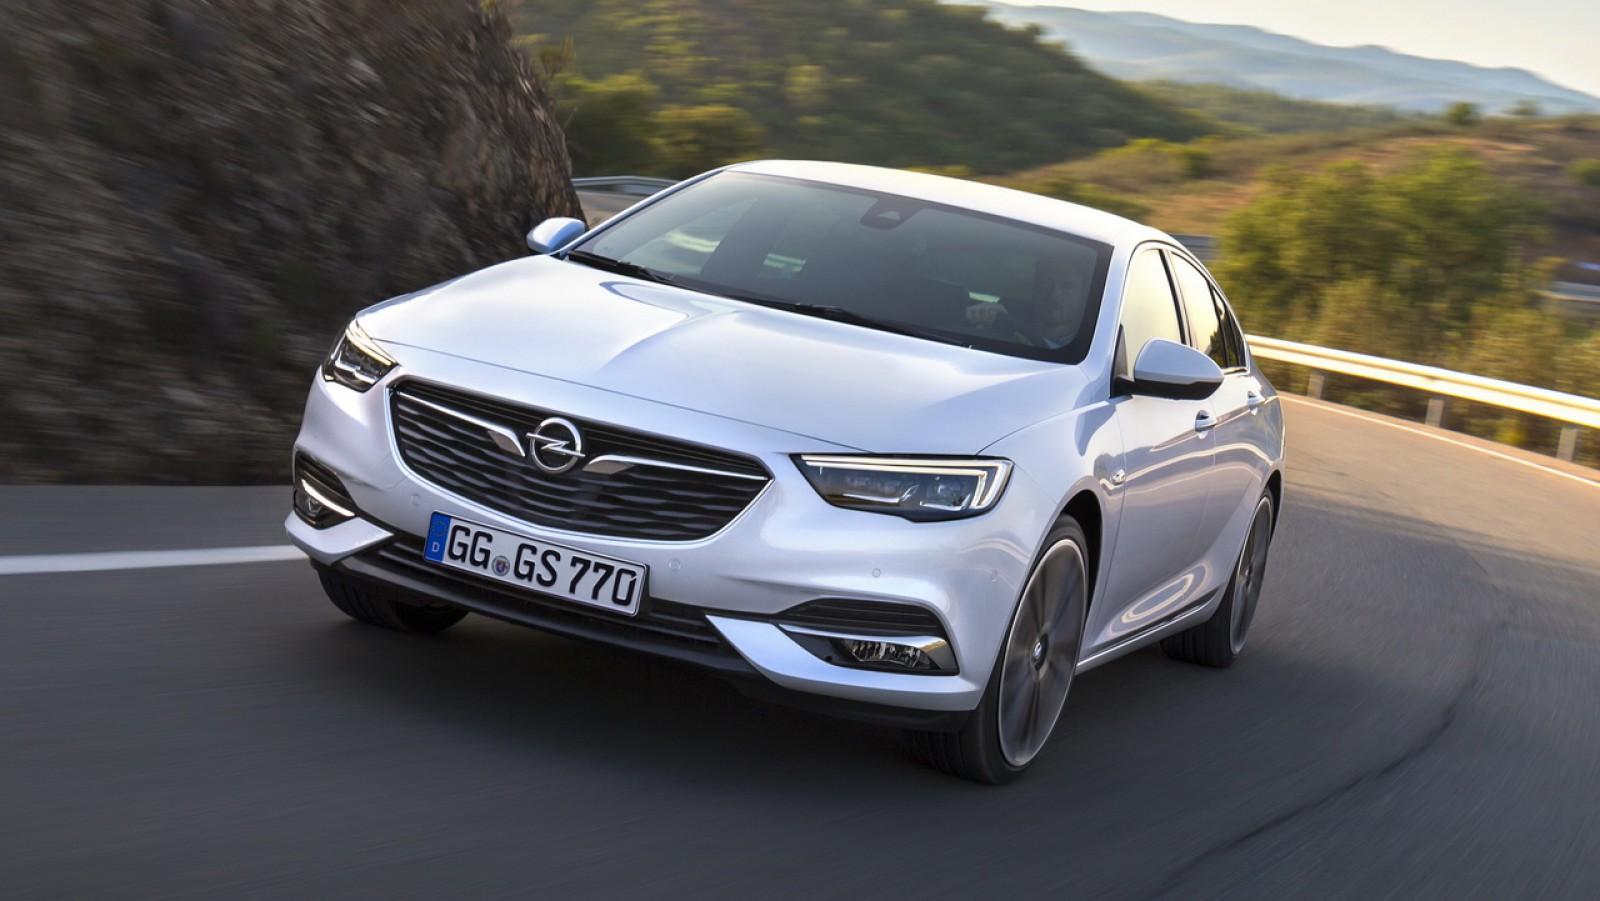 Opel lansează un nou motor turbo şi un sistem infotainment actualizat pentru Insignia